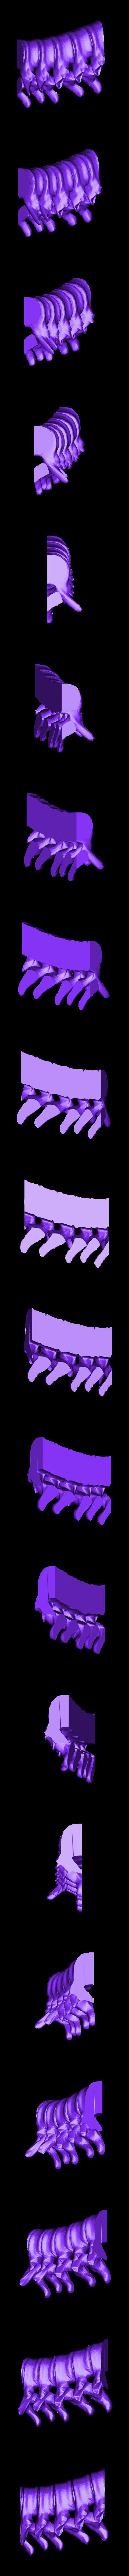 spine_middle_left.stl Télécharger fichier STL gratuit Bougeoir pour la colonne vertébrale • Modèle pour impression 3D, billythemighty3Dprinter